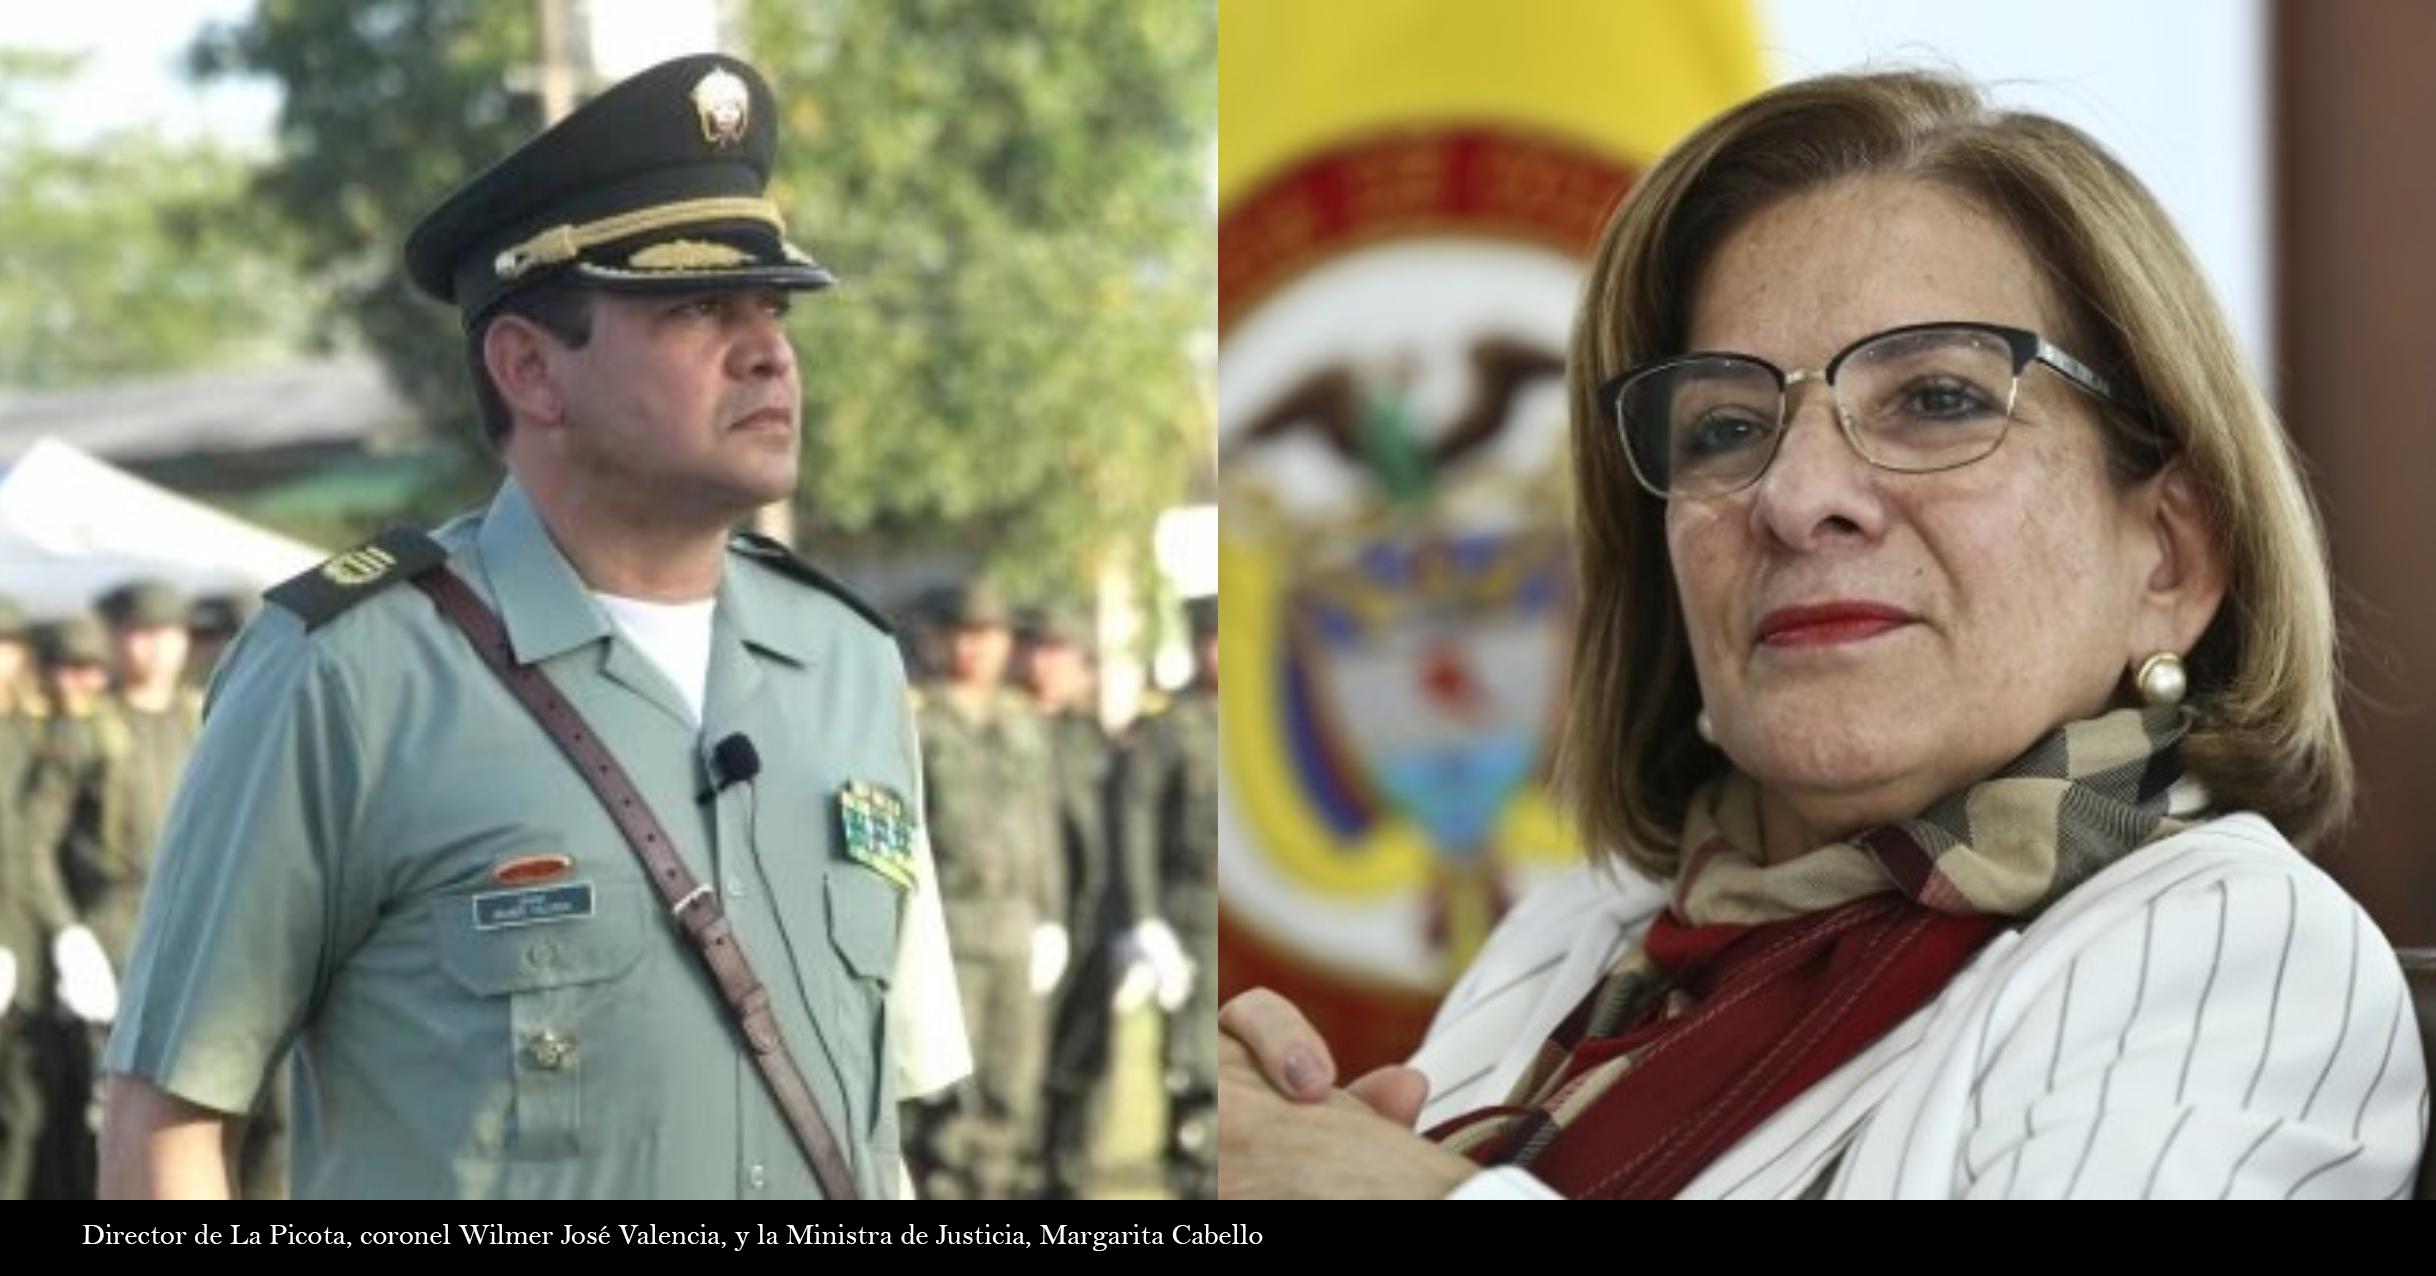 FOTO MINISTRA DE JUSTICIA Y DIRECTOR DE PICOTA